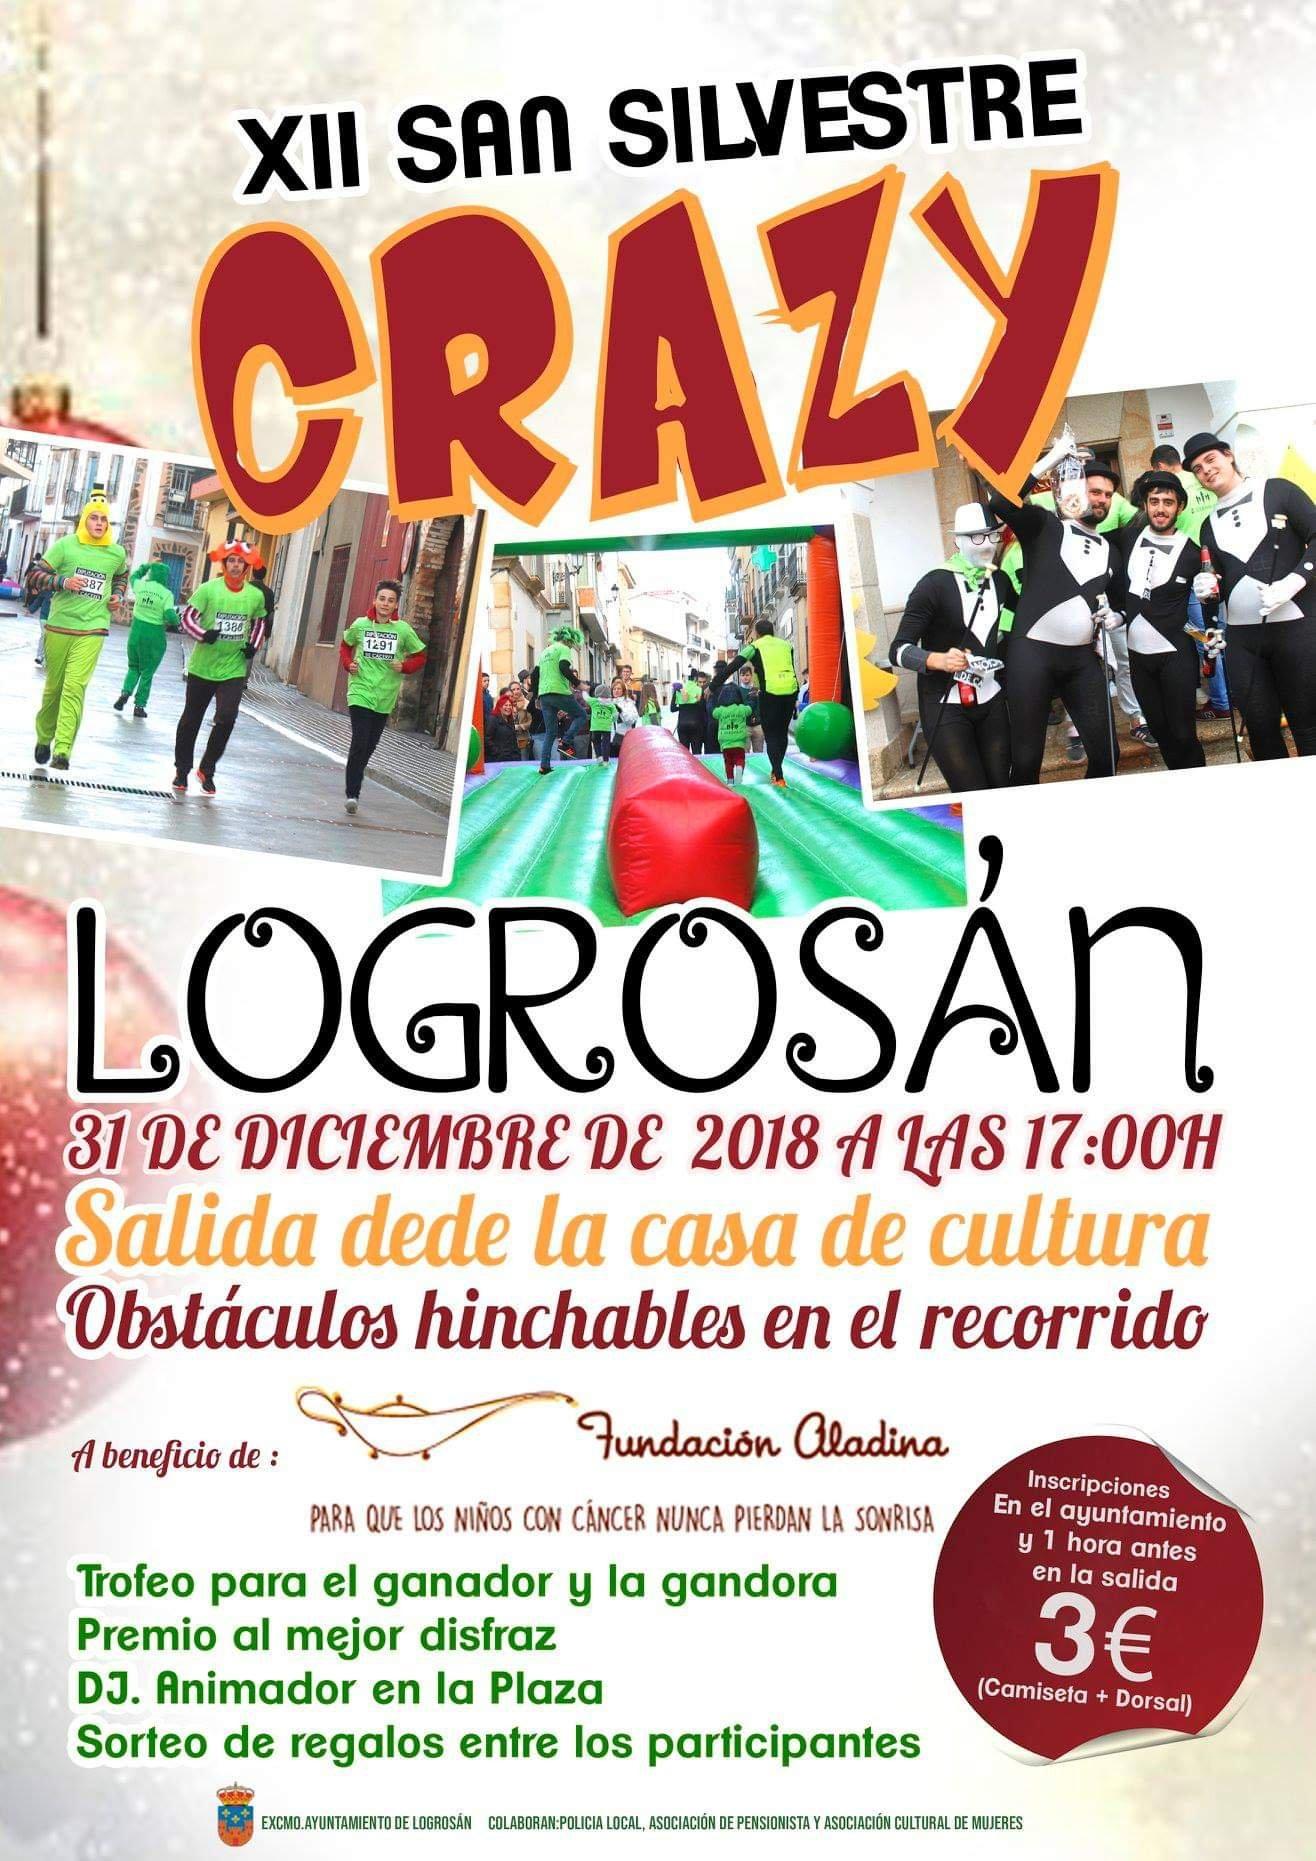 XII San Silvestre Crazy - Logrosán (Cáceres)